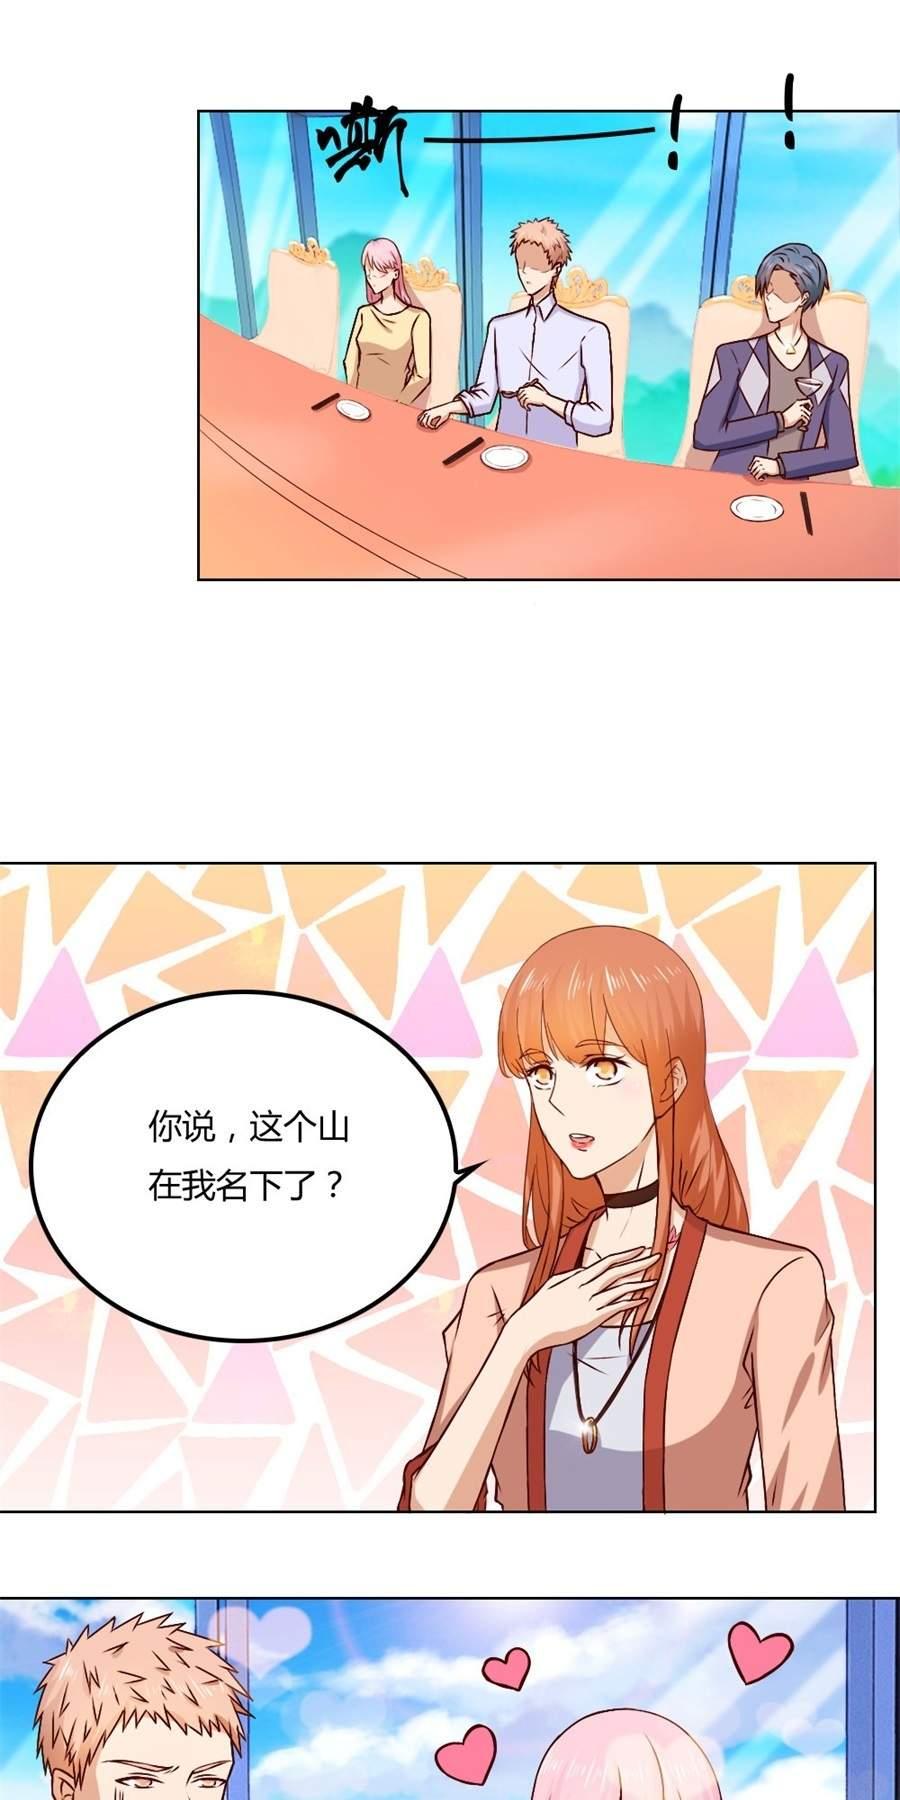 错嫁替婚总裁第80话  贺逸宁的隐藏技能 第 2